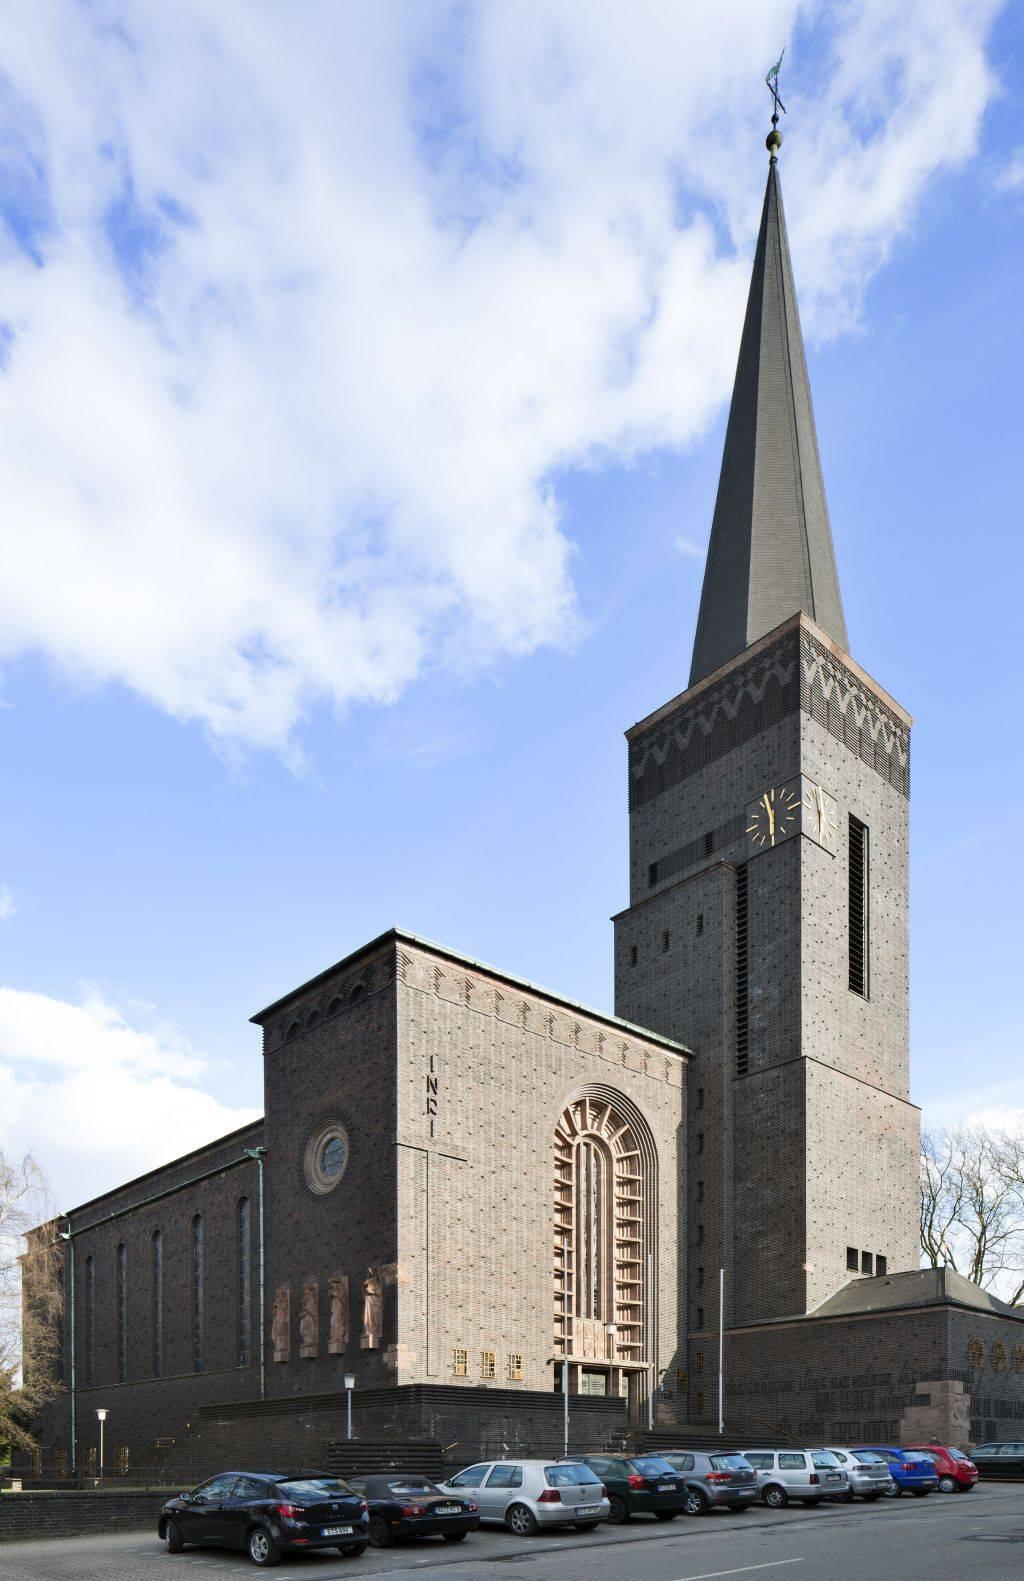 Herz-Jesu-Kirche Bottrop Bottrop, Architektur - baukunst-nrw